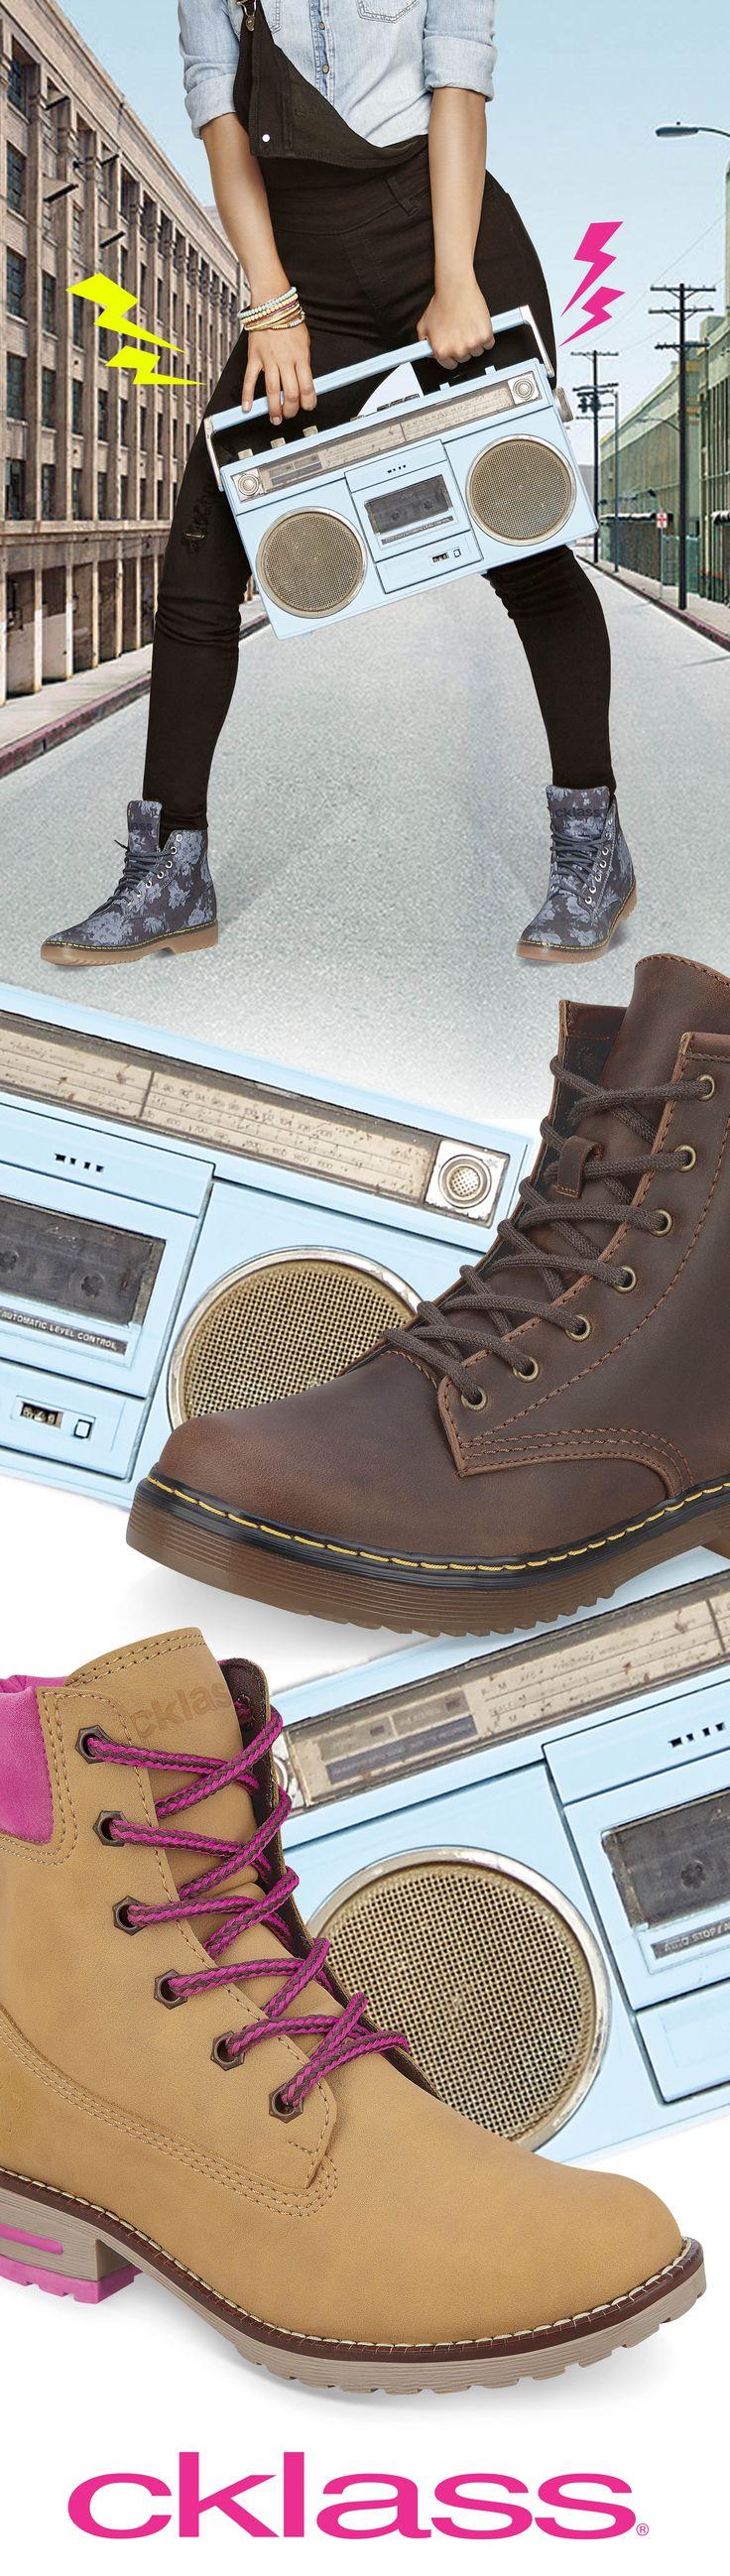 Las botas estilo militar se redefinen y se adaptan al estilo de vida de aquellas mujeres que buscan ser únicas. Unos jeans, vestidos, faldas o leggins harán match perfecto con tus botas militares. Estas botas #Cklass le darán a tu outfit ese toque de estilo y confort urbano.  #Boots #Tendencias #Streetstyle #Urban